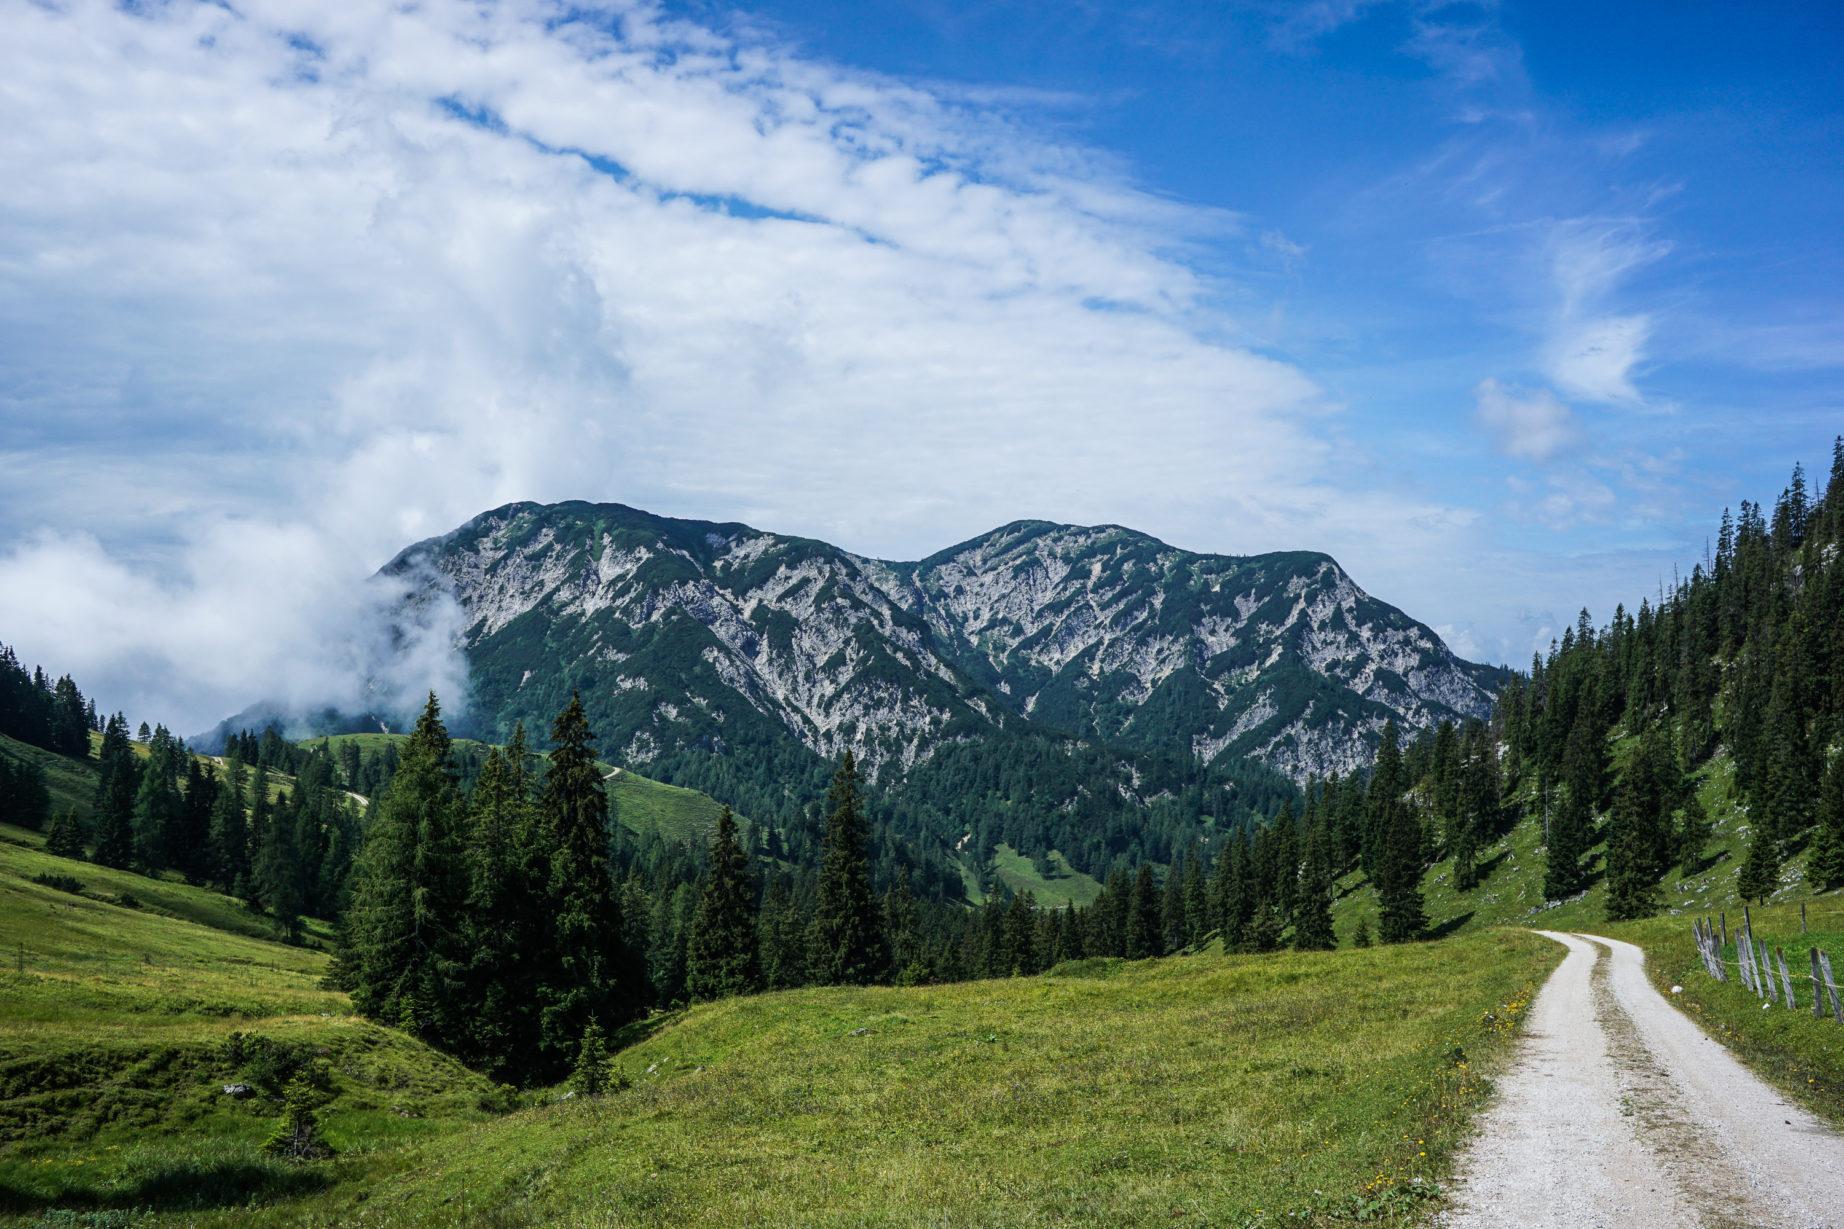 Schon aus weiter Ferne ist das heutige Ziel sichtbar: Links der Plessenberg, rechts der Kienberg.